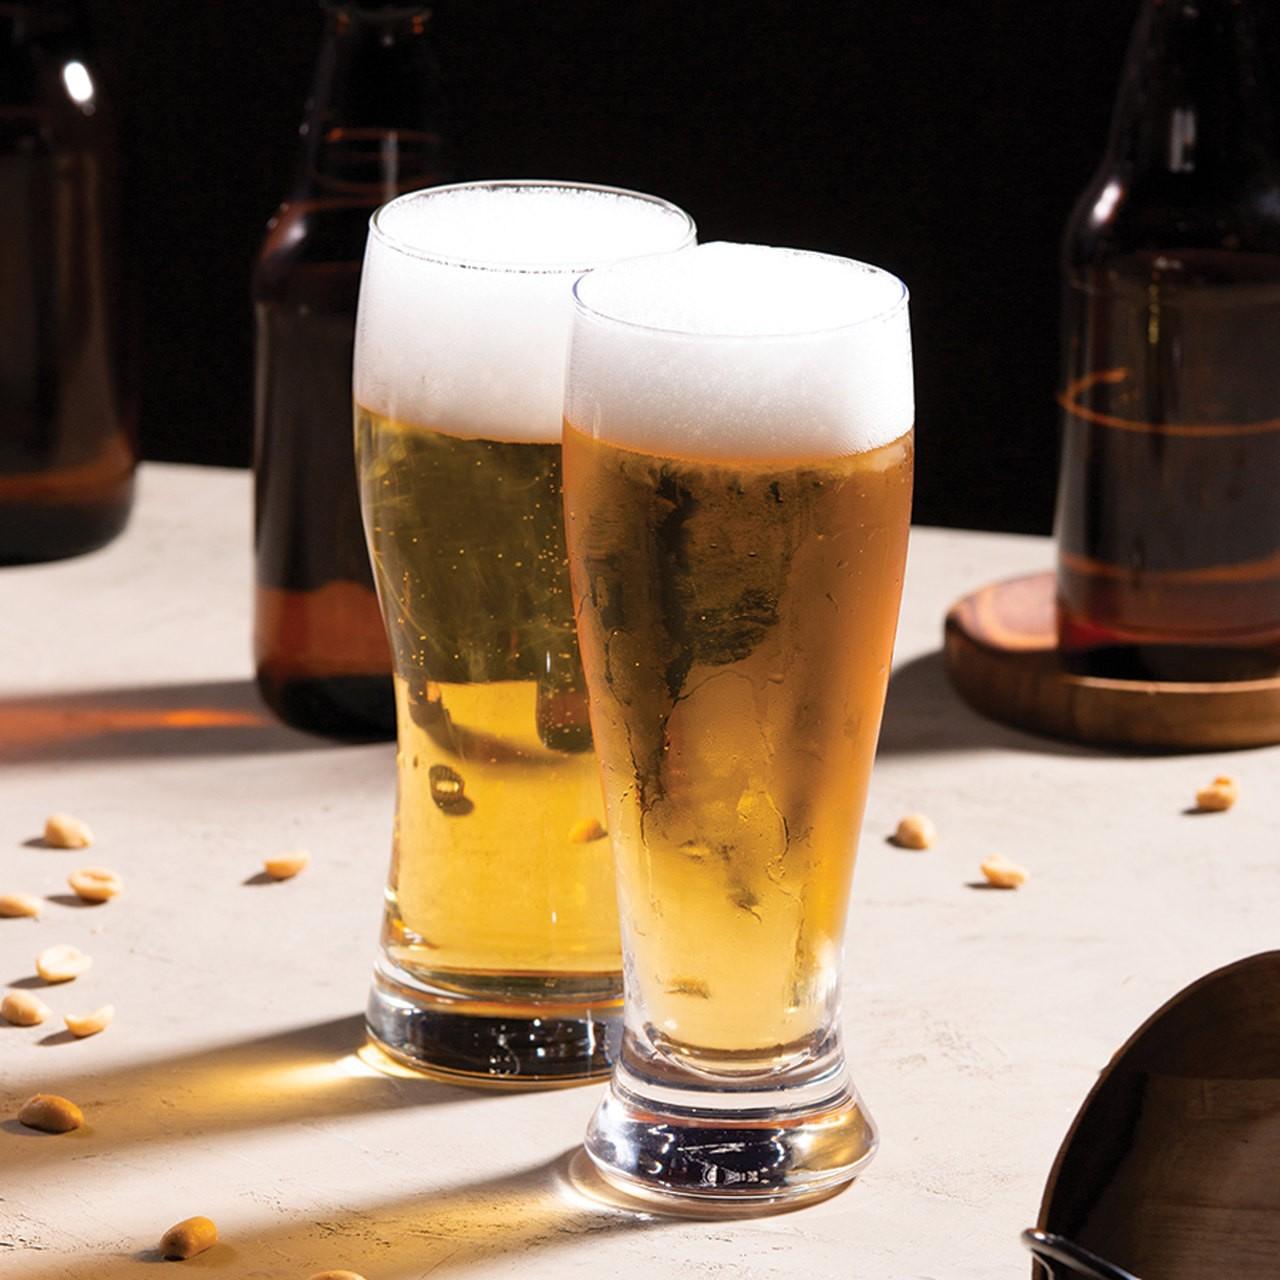 Jogo 2 copos 430ml para cerveja de vidro transparente tulipa Bon Gourmet - 27784